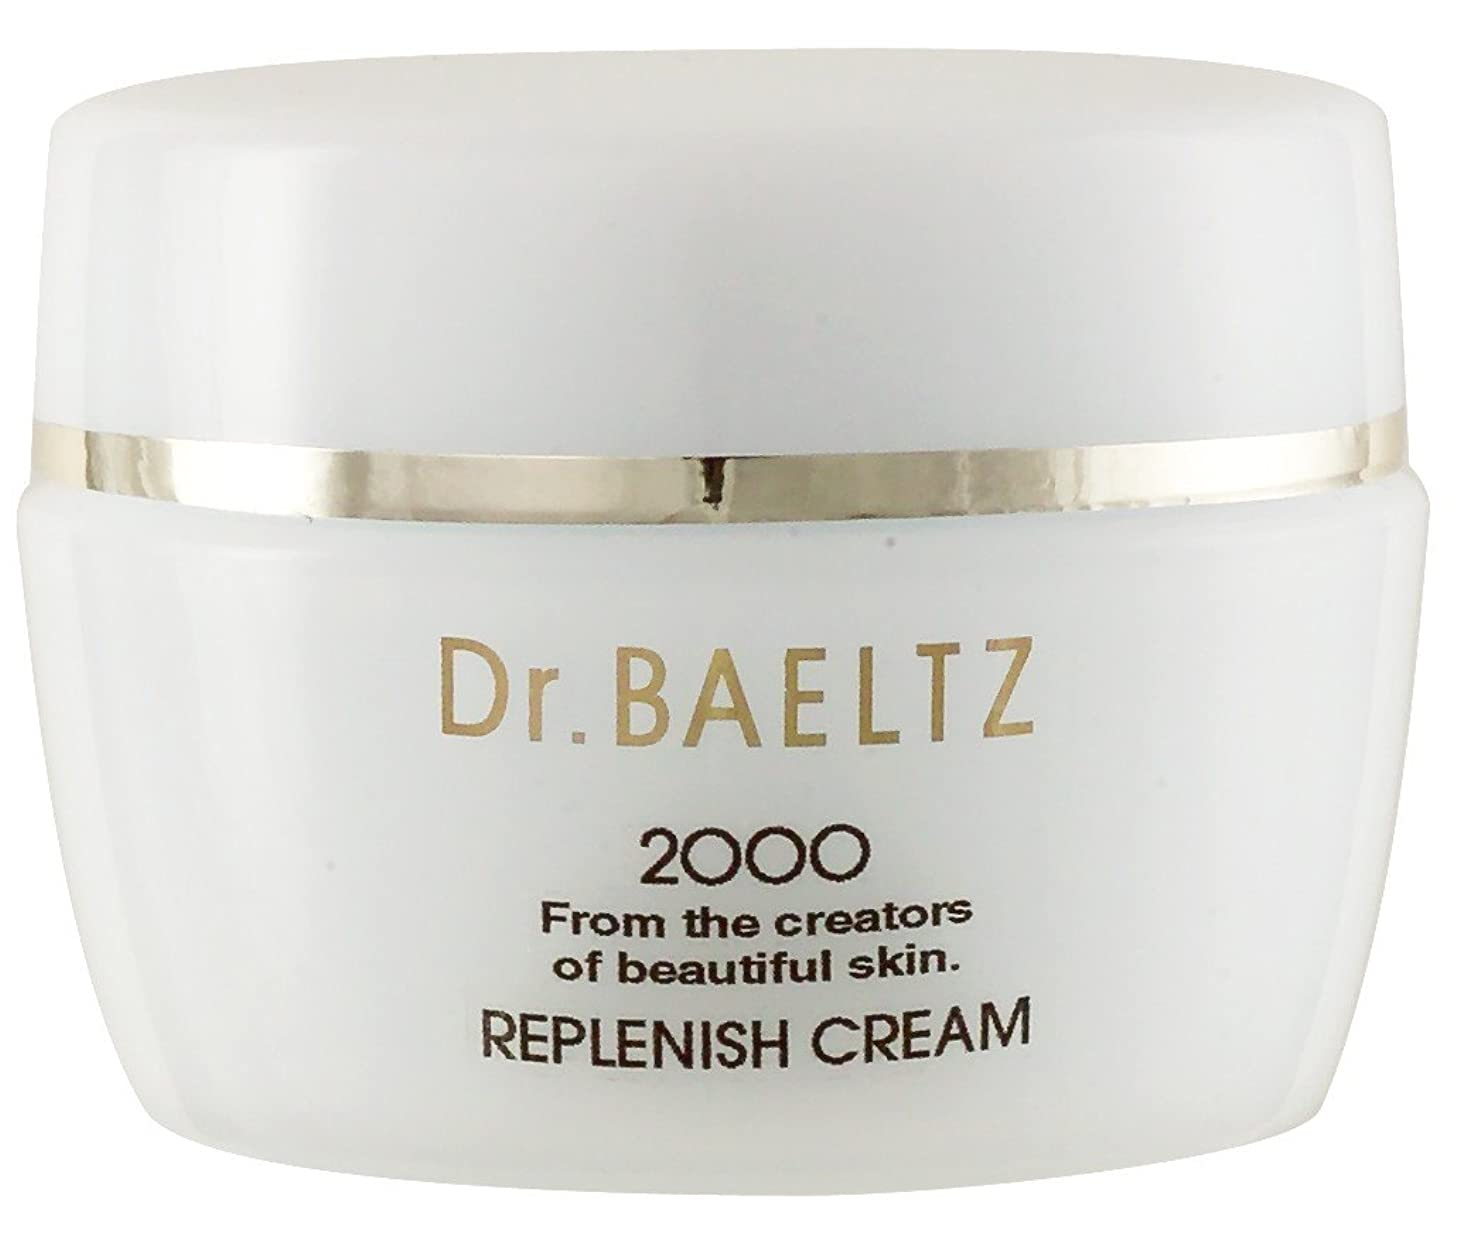 重力本土航空会社ドクターベルツ(Dr.BAELTZ) リプレニッシュクリーム 40g(保湿クリーム)